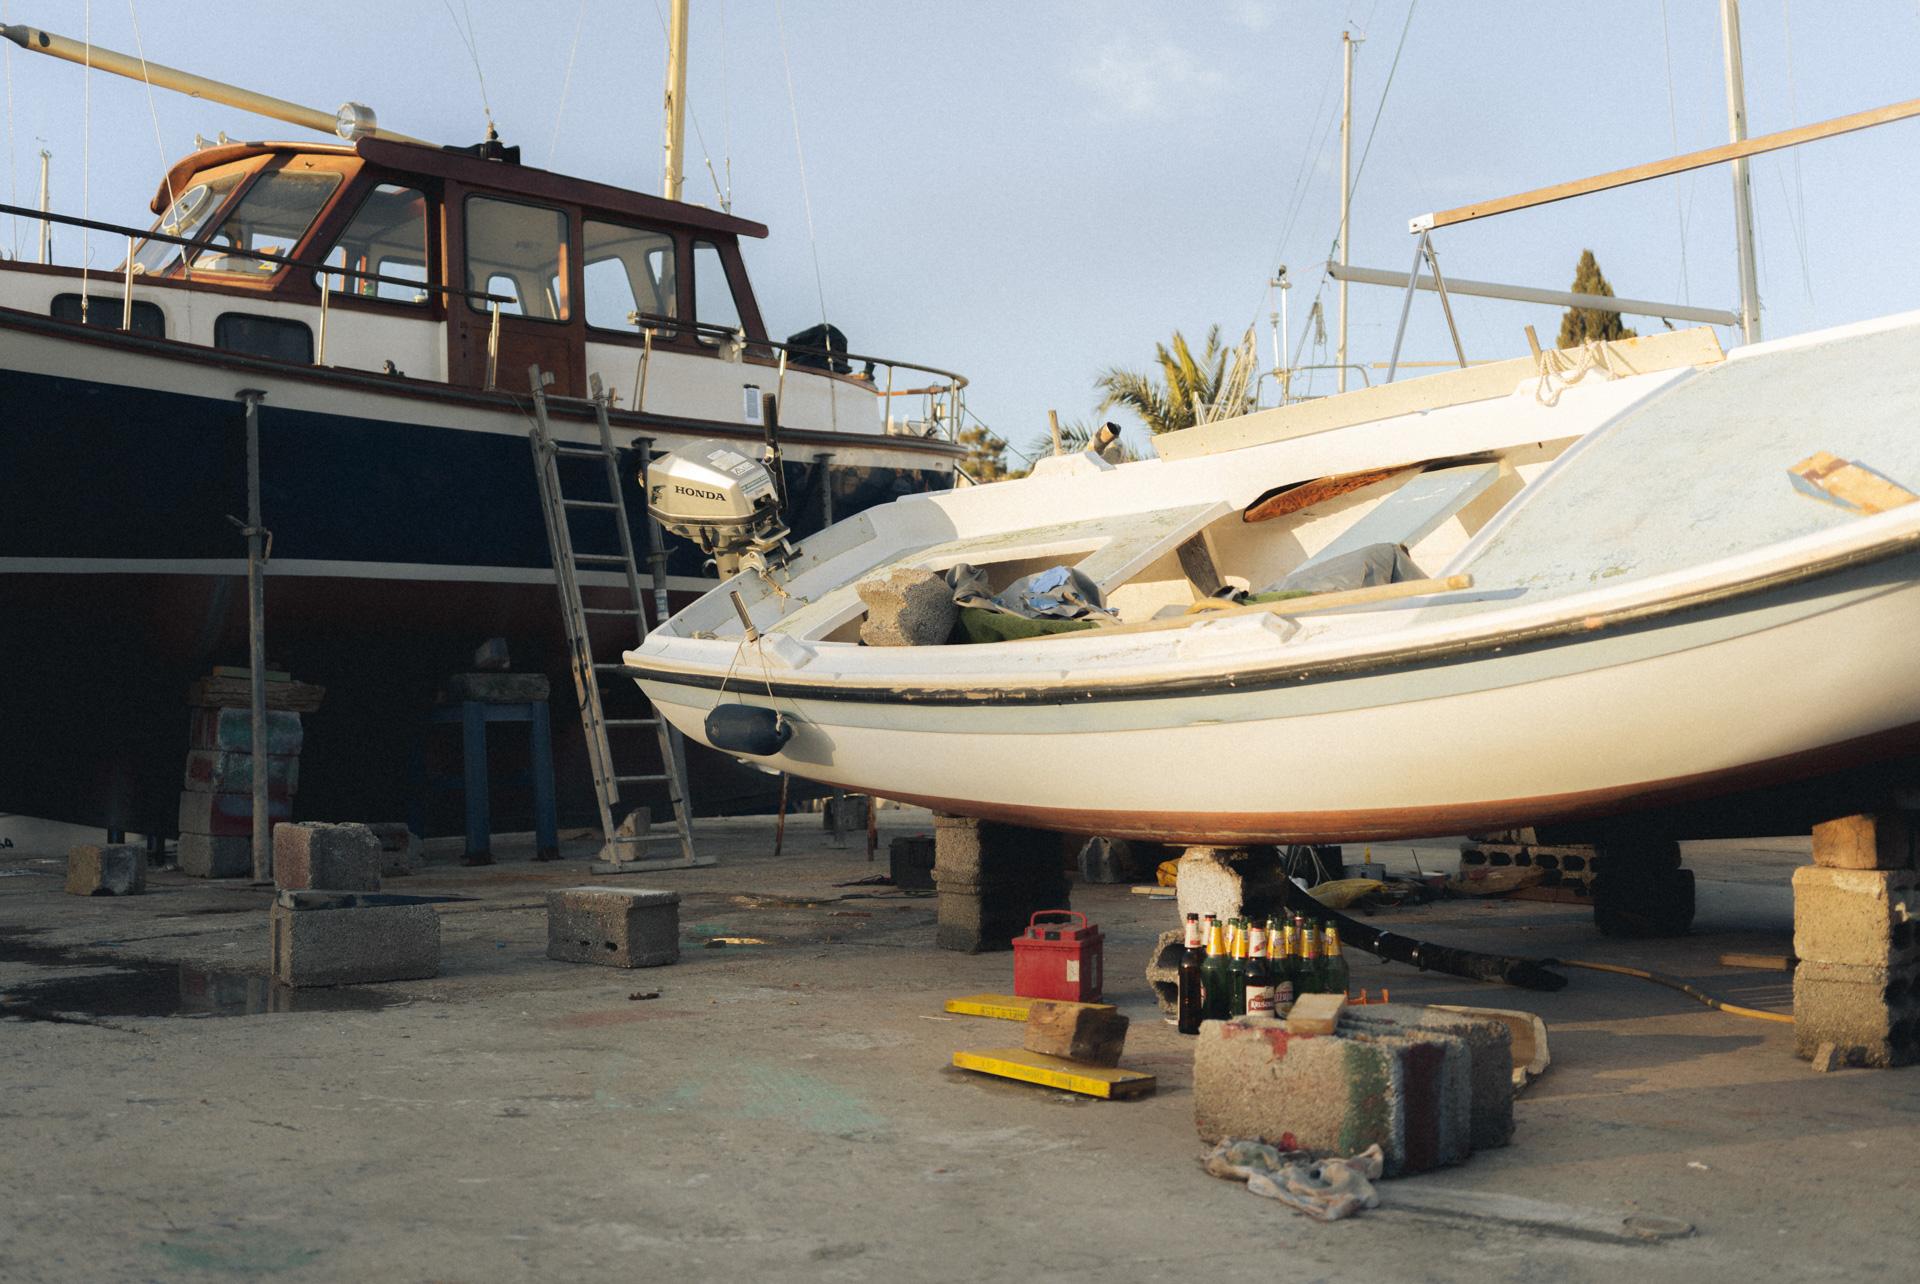 Fischerboote in Werft in Kroatien